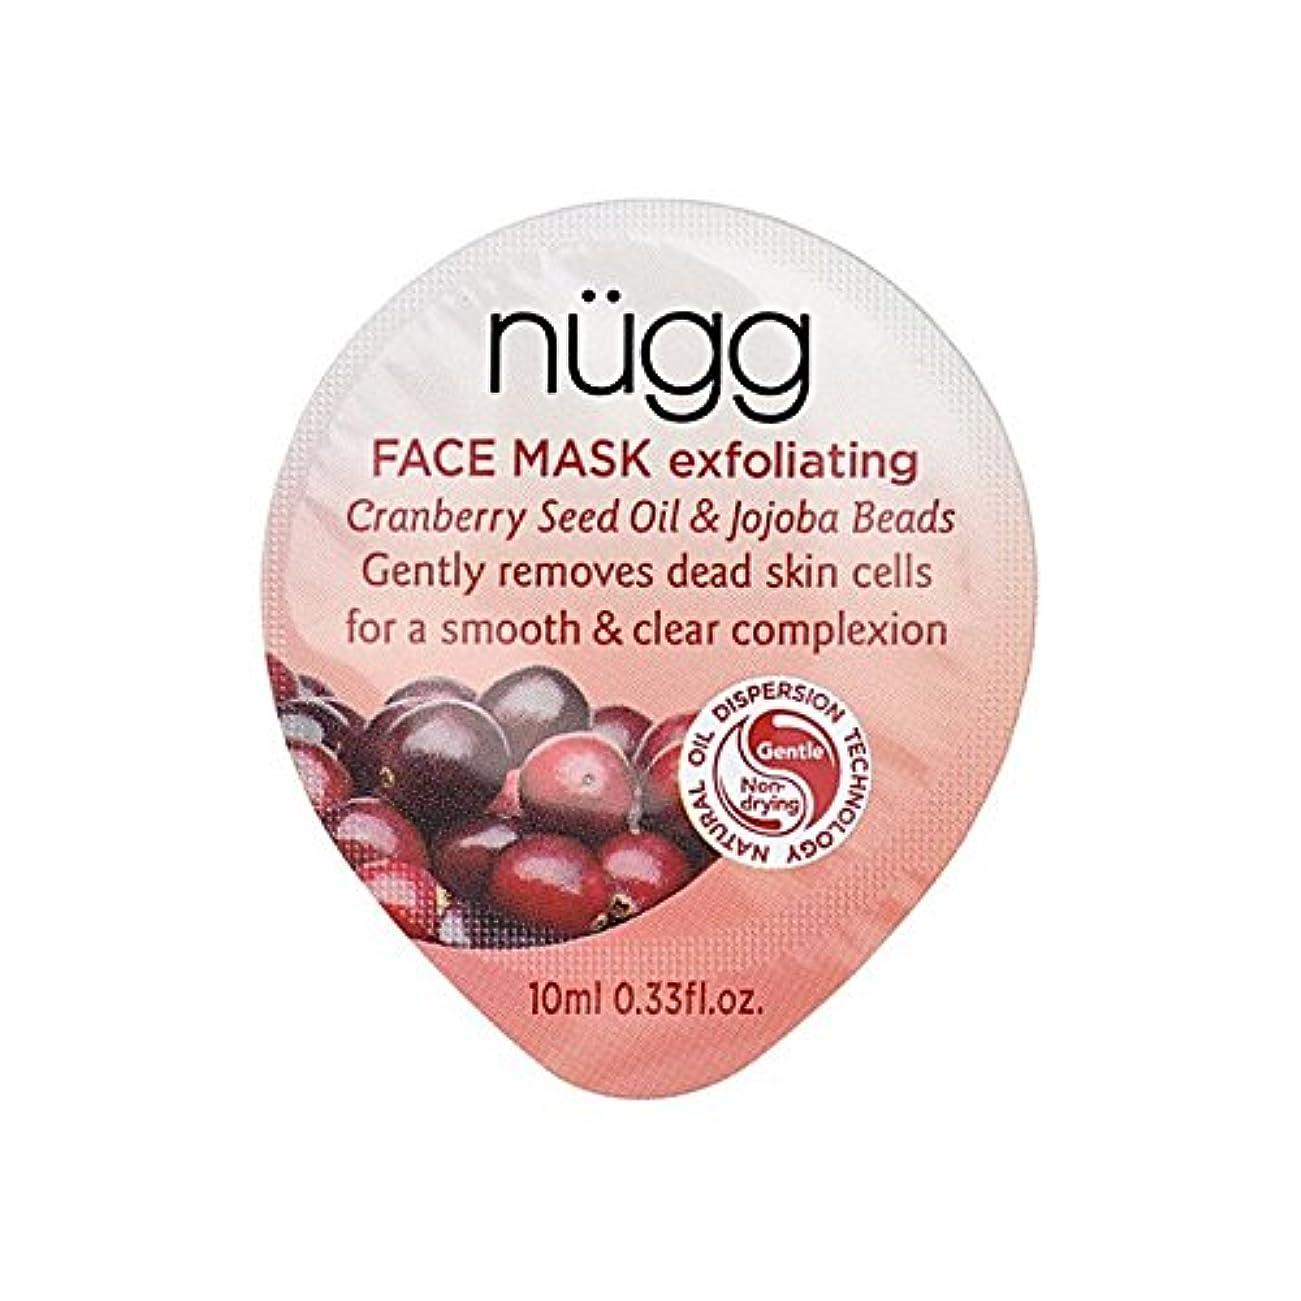 中絶ワイン非行フェイスマスクを剥離 x2 - Nugg Exfoliating Face Mask (Pack of 2) [並行輸入品]